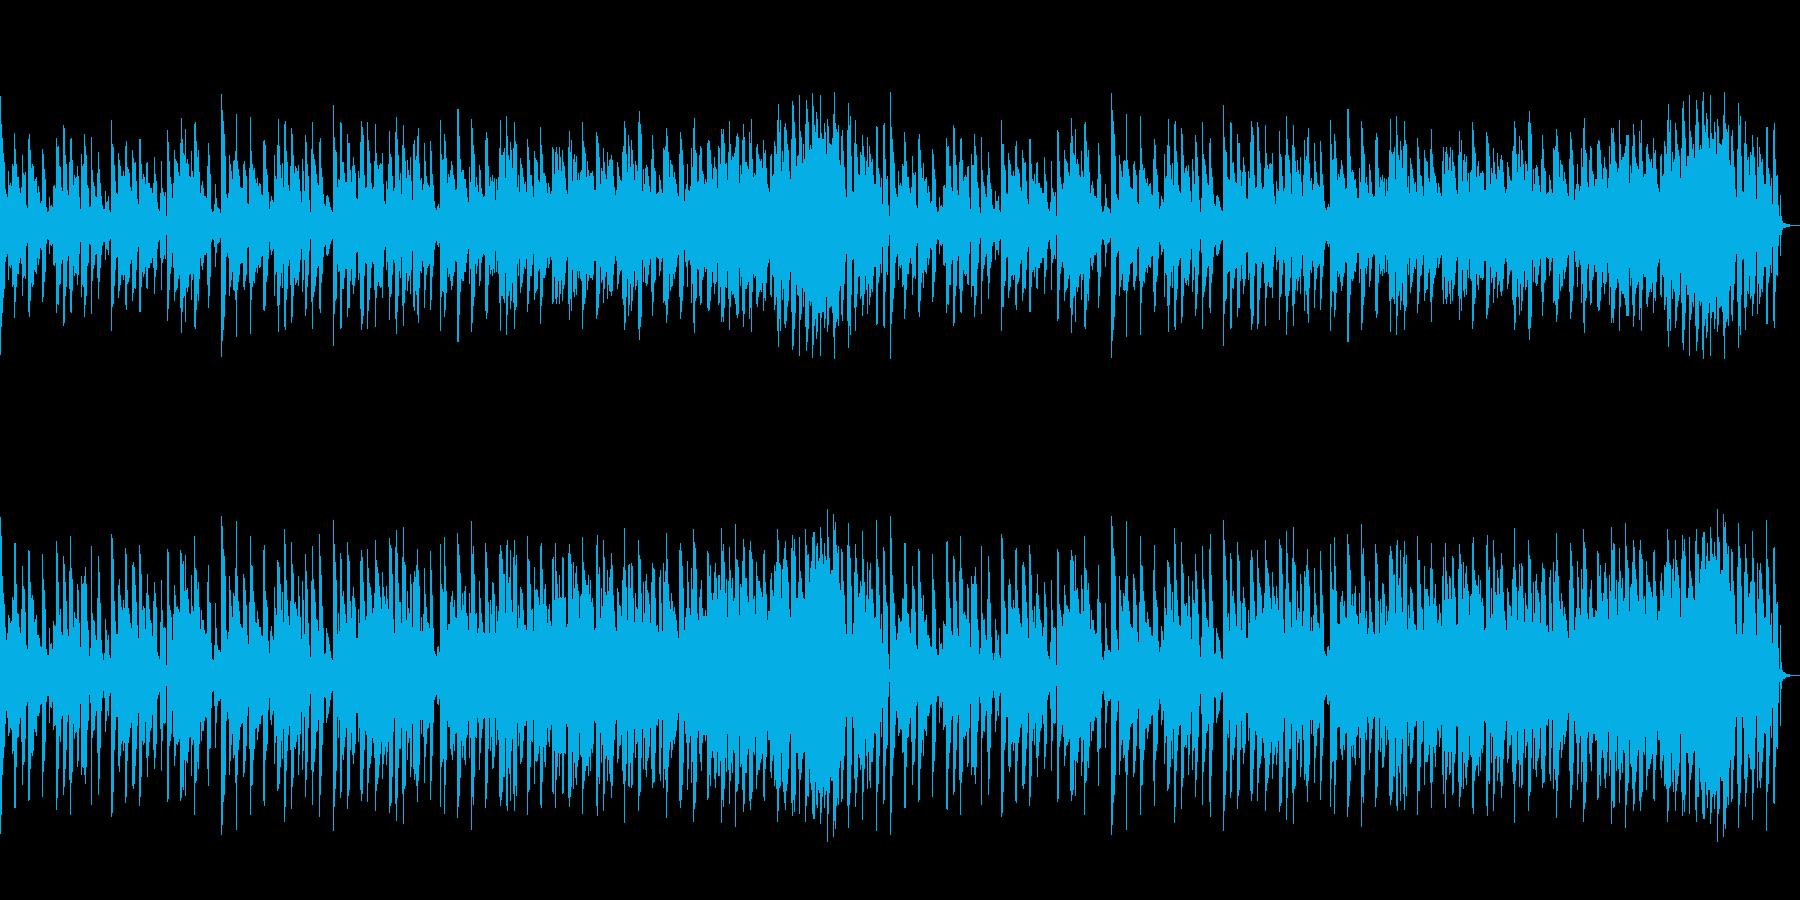 コミカルな有名曲のアコギアレンジの再生済みの波形